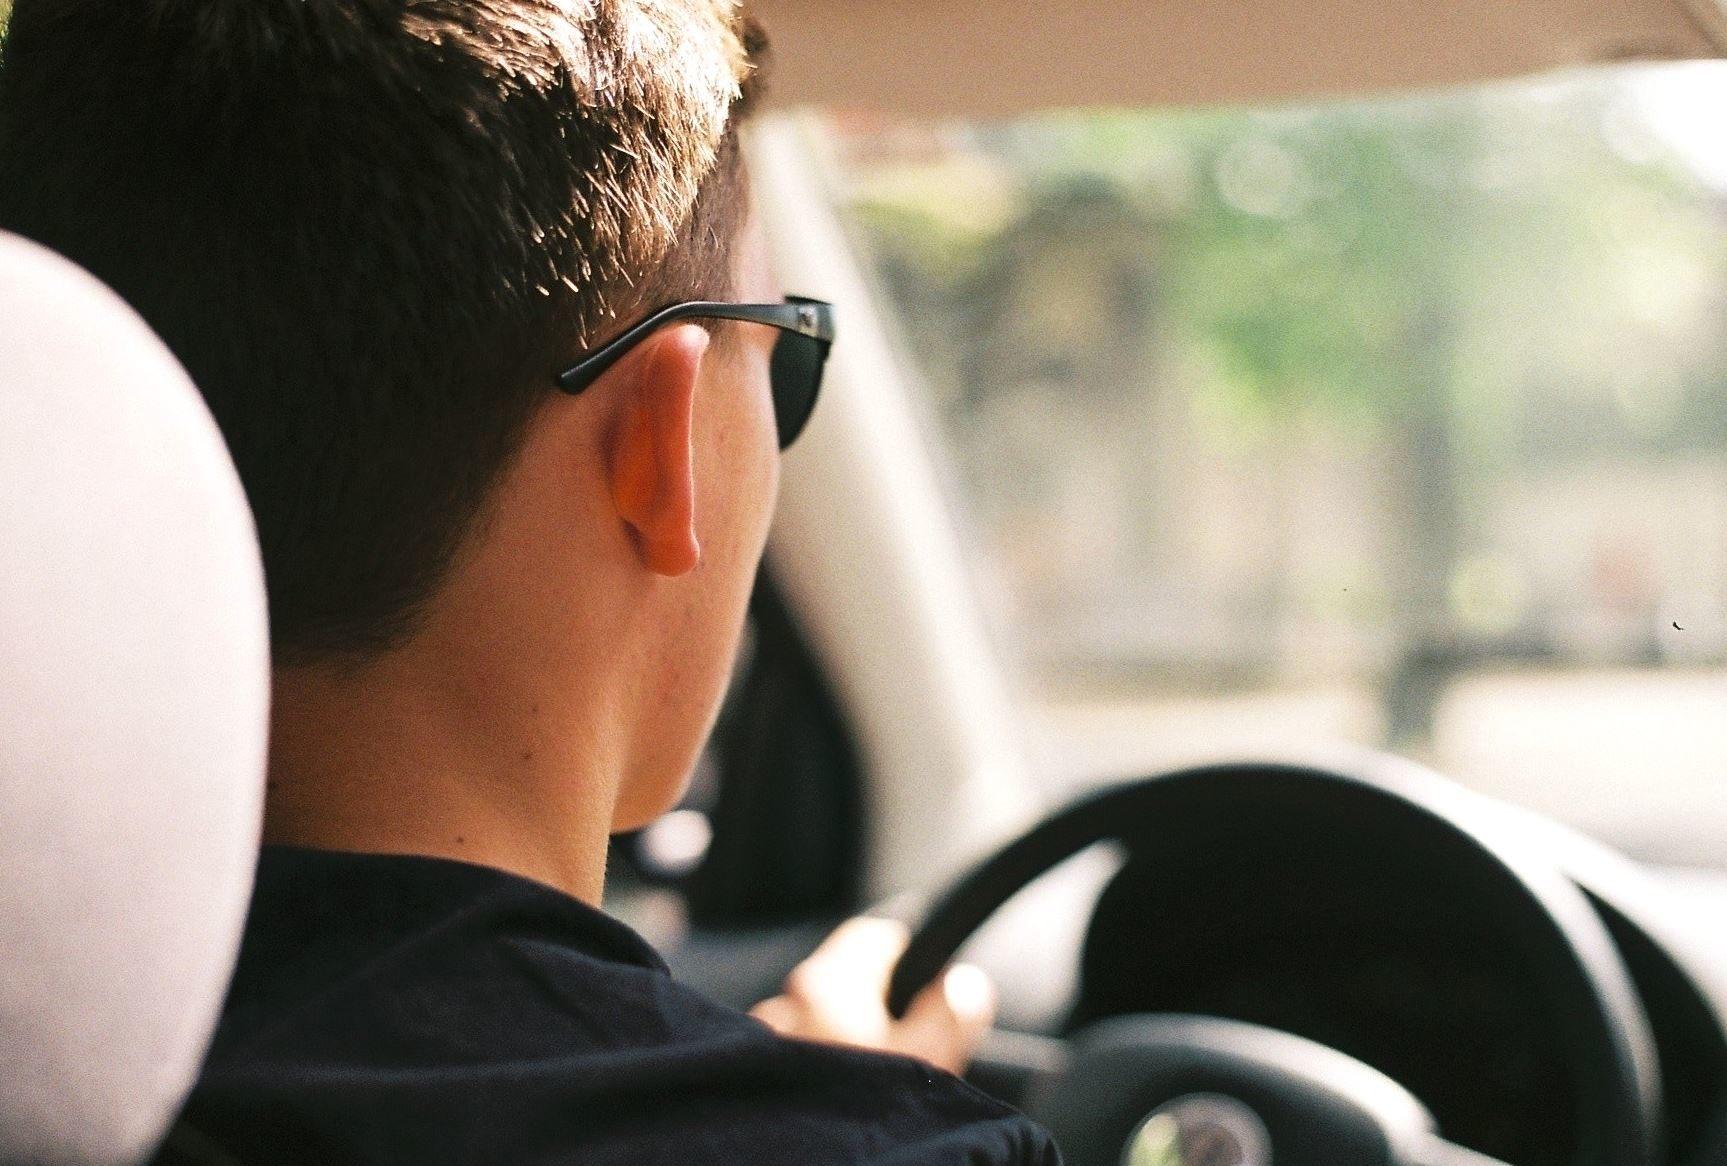 Pourquoi vous devriez réserver une voiture de location avec chauffeur lorsque vous vous rendez à Rome